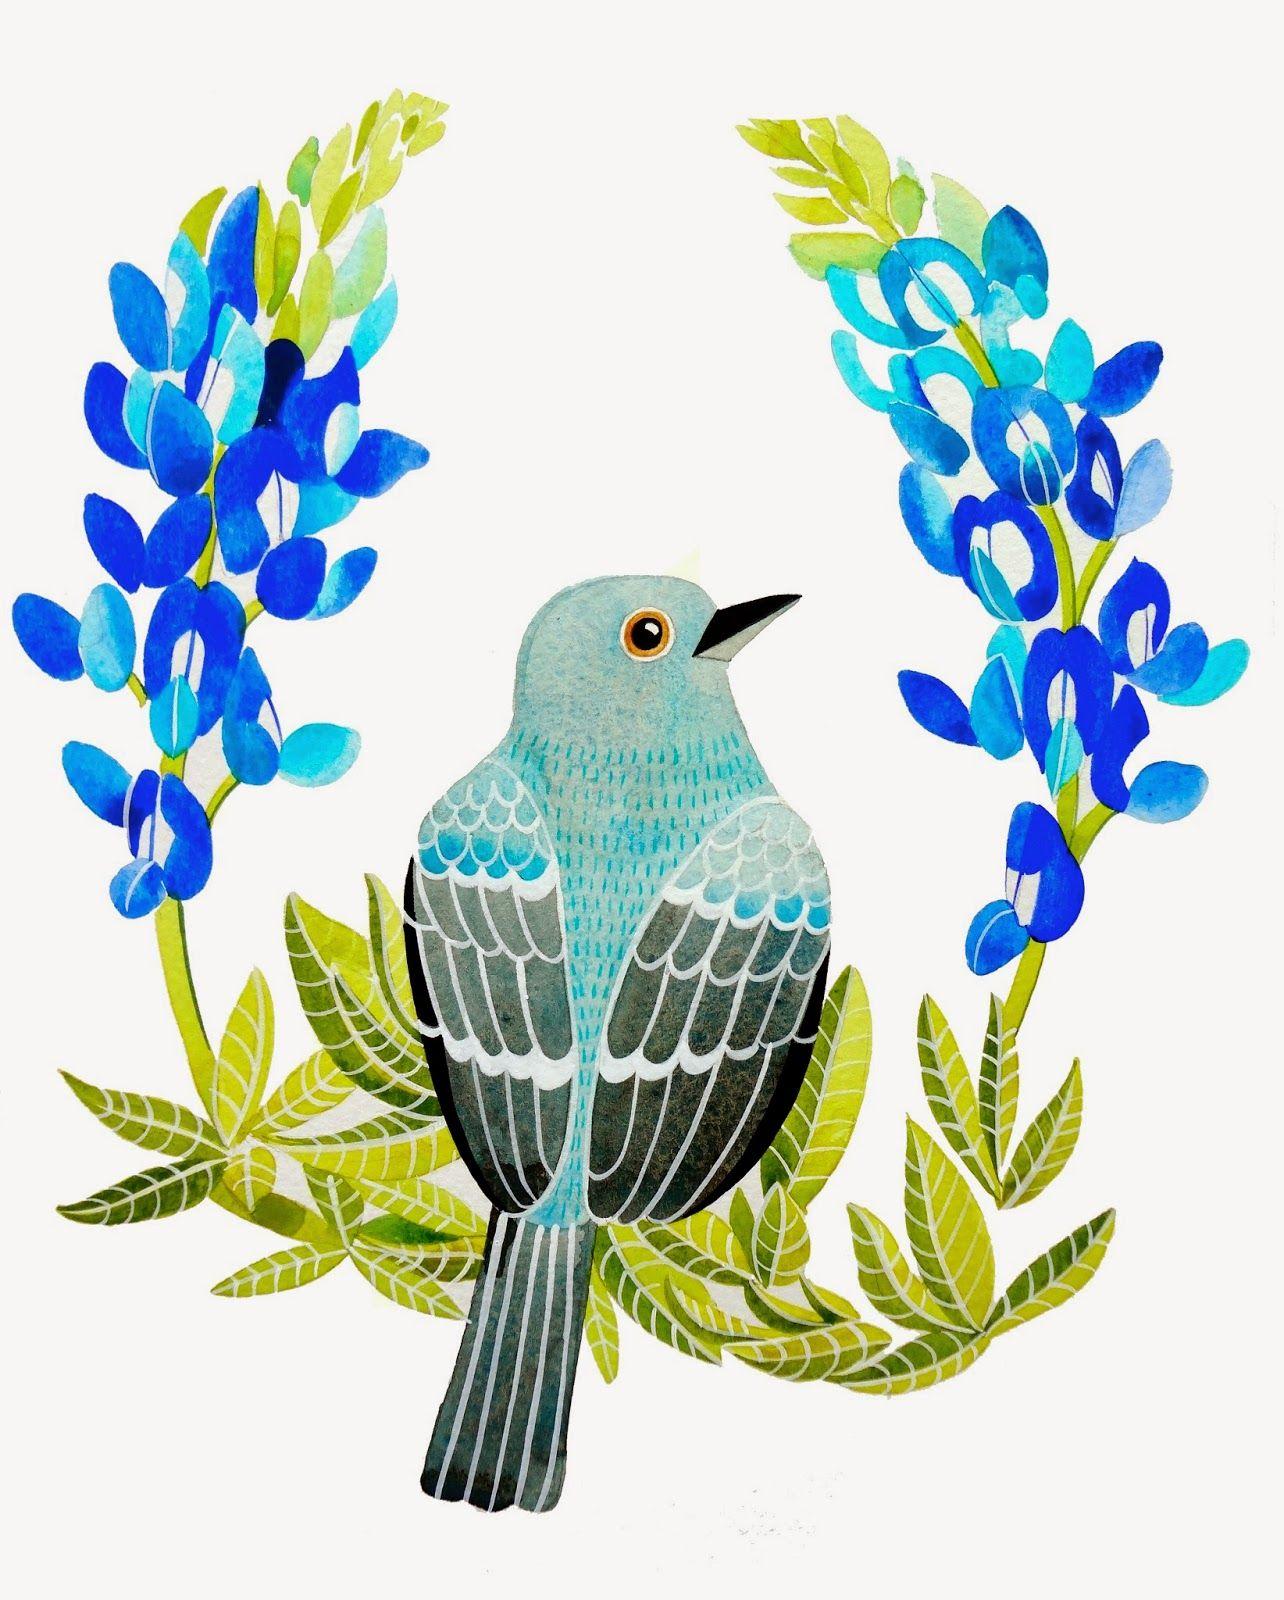 1284x1600 Bluebonnet Flower Clip Art